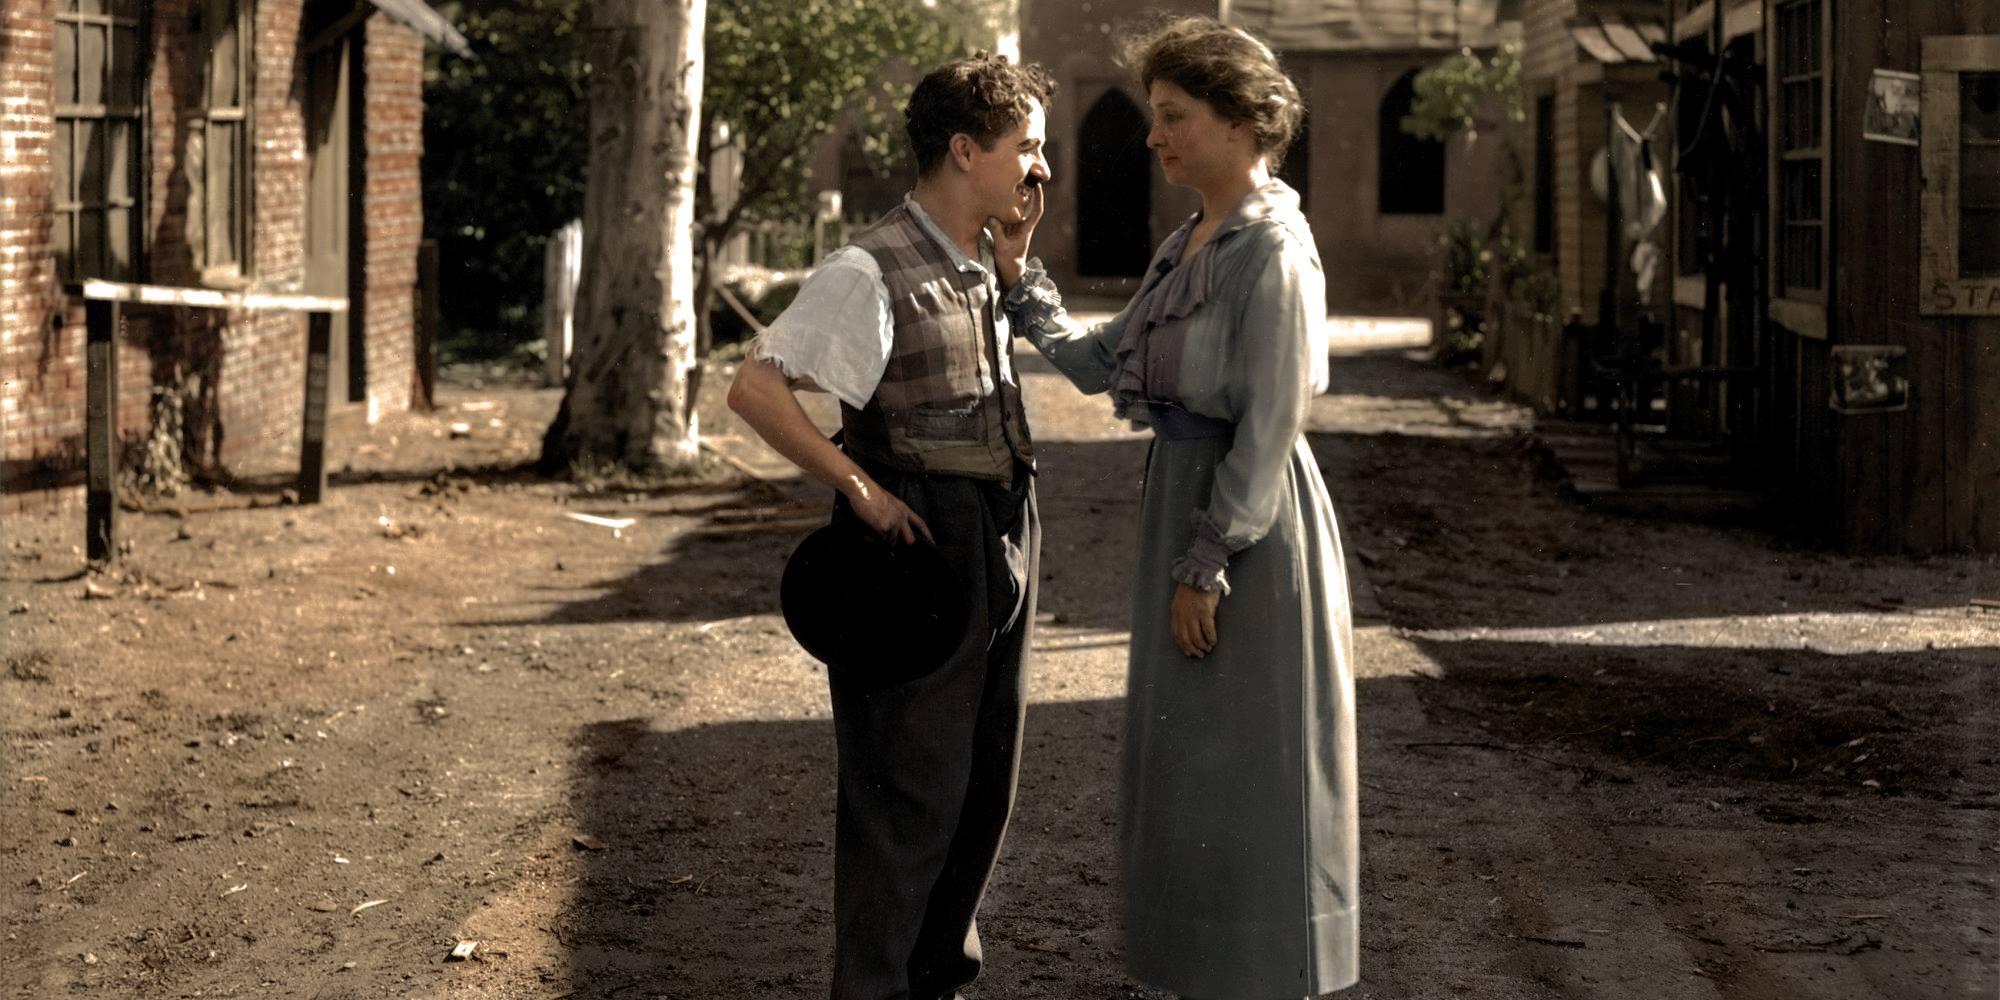 Слепая писательница Хелен Келлер приветствует Чарли Чаплина.